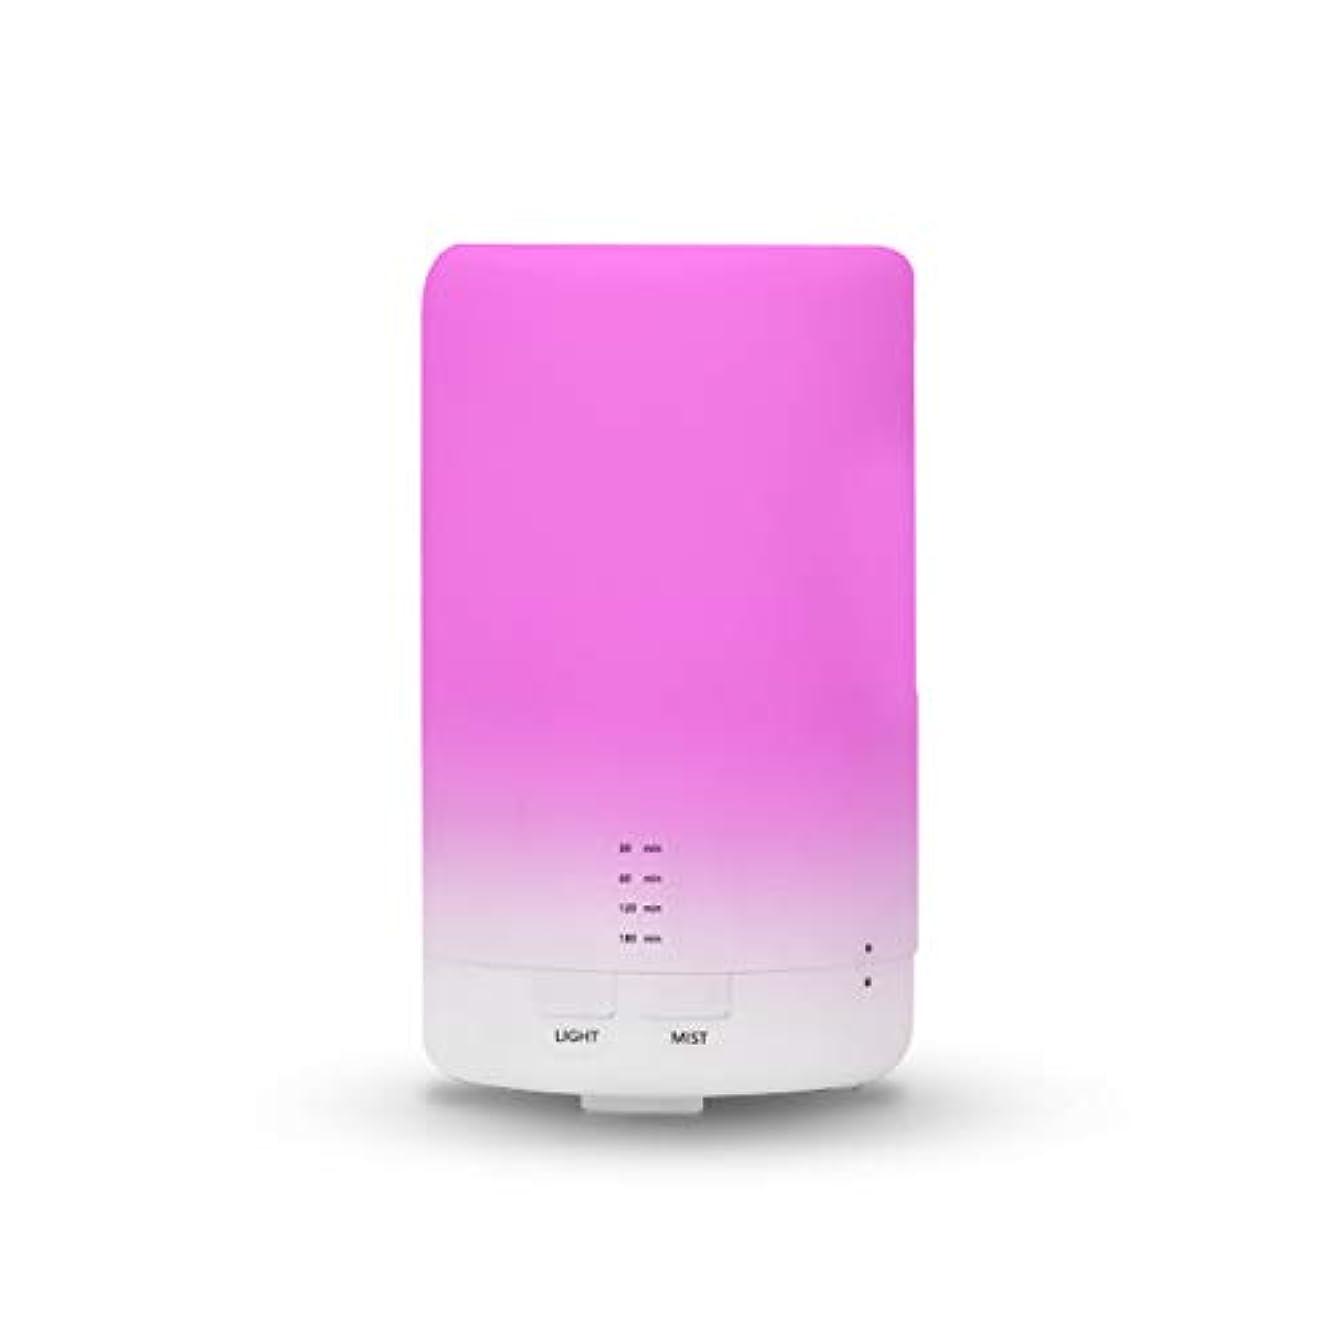 アセンブリ舌なFashion·LIFE アロマディフューザー 超音波 アロマ加湿器 空気清浄機 七色変換LEDライト タイマー機能 空焚き防止 部屋 会社 ヨガなど用